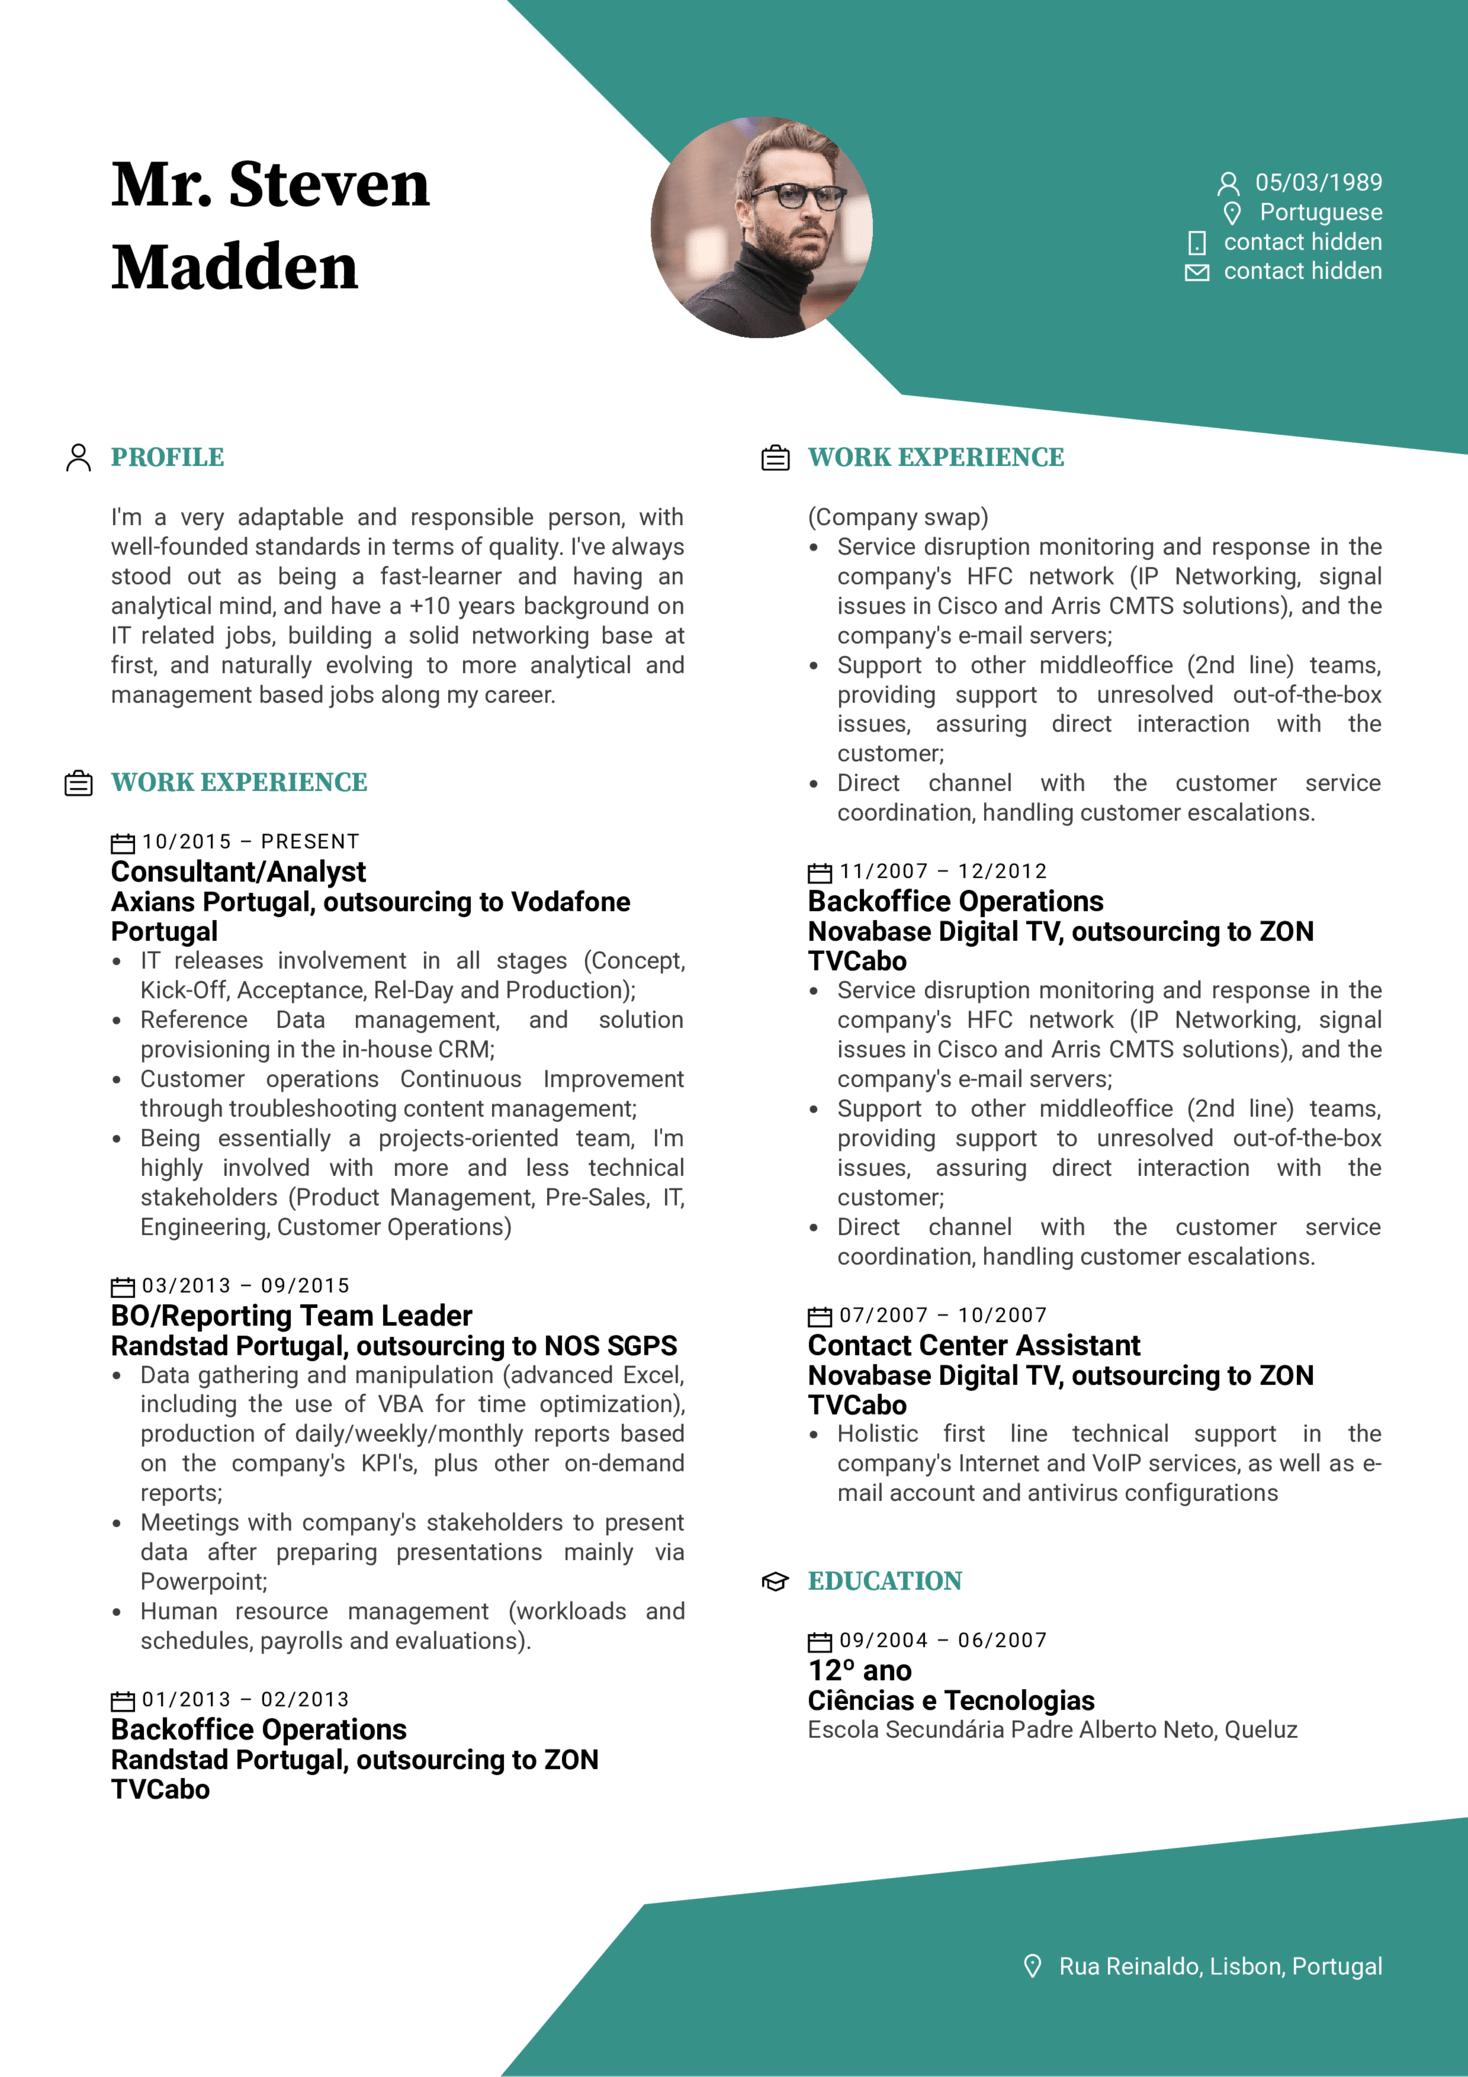 Hoist Group Service Assurance Manager Resume Sample (Teil 1)